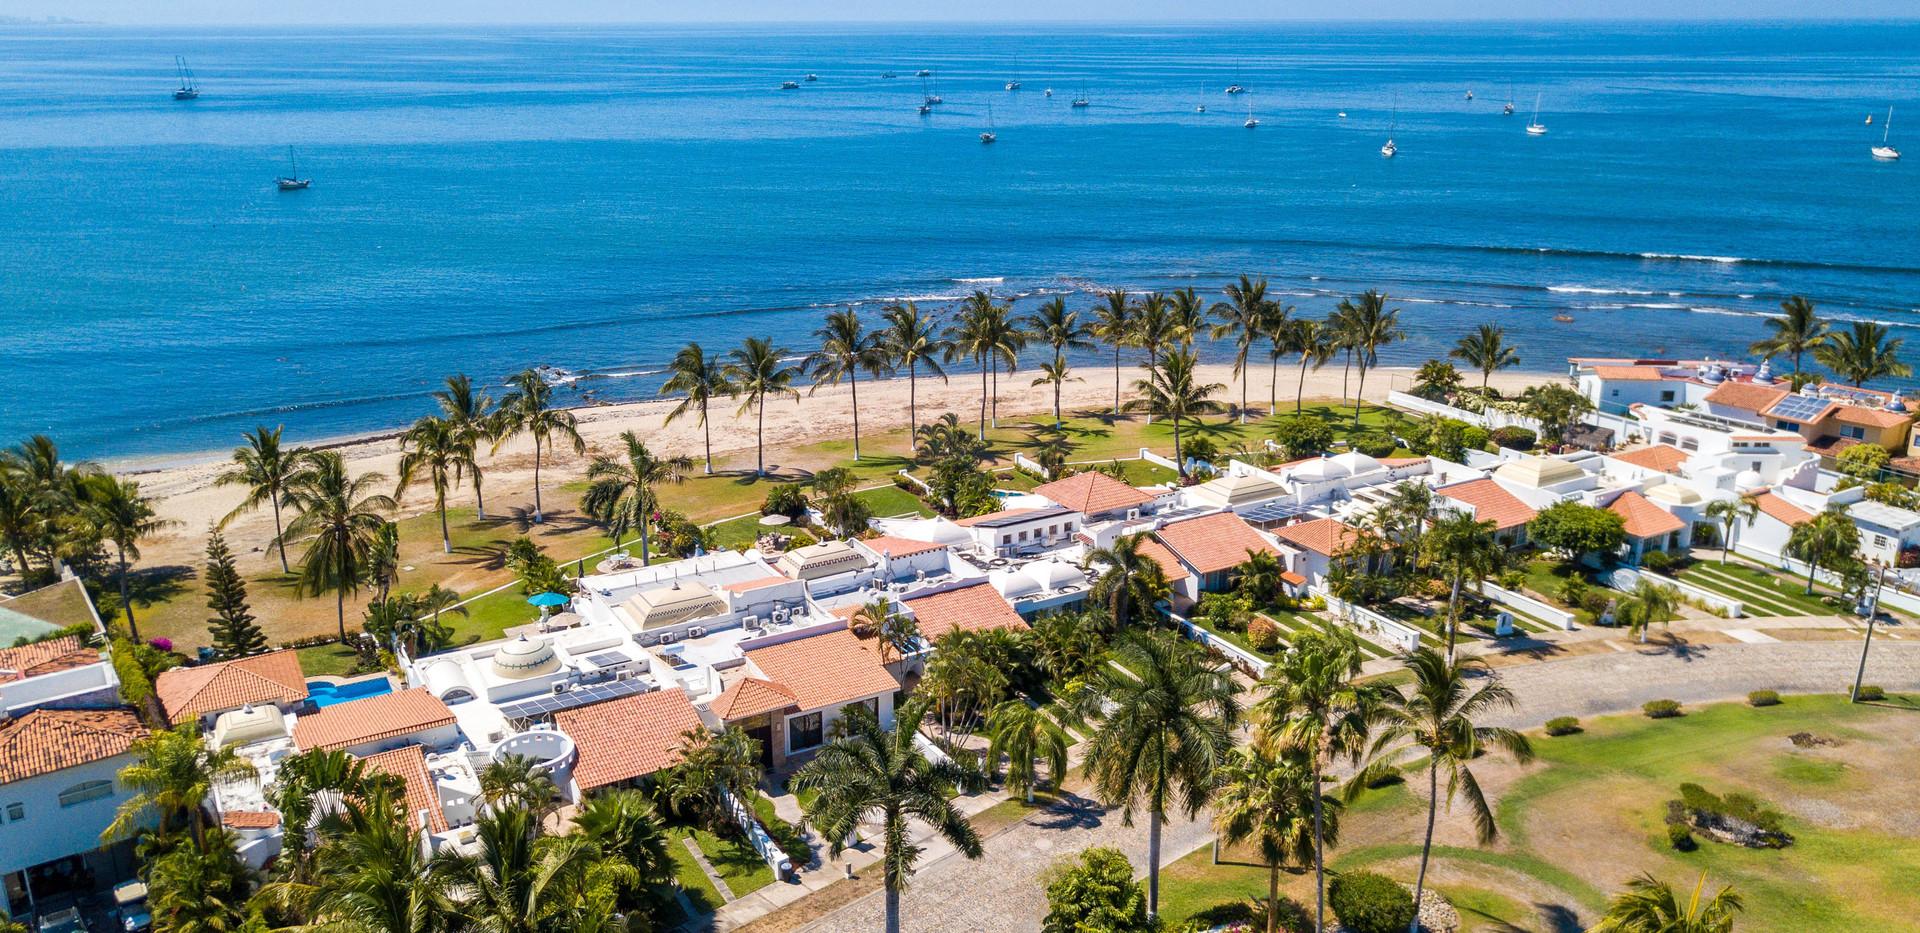 Bird's Eye View of Beachfront